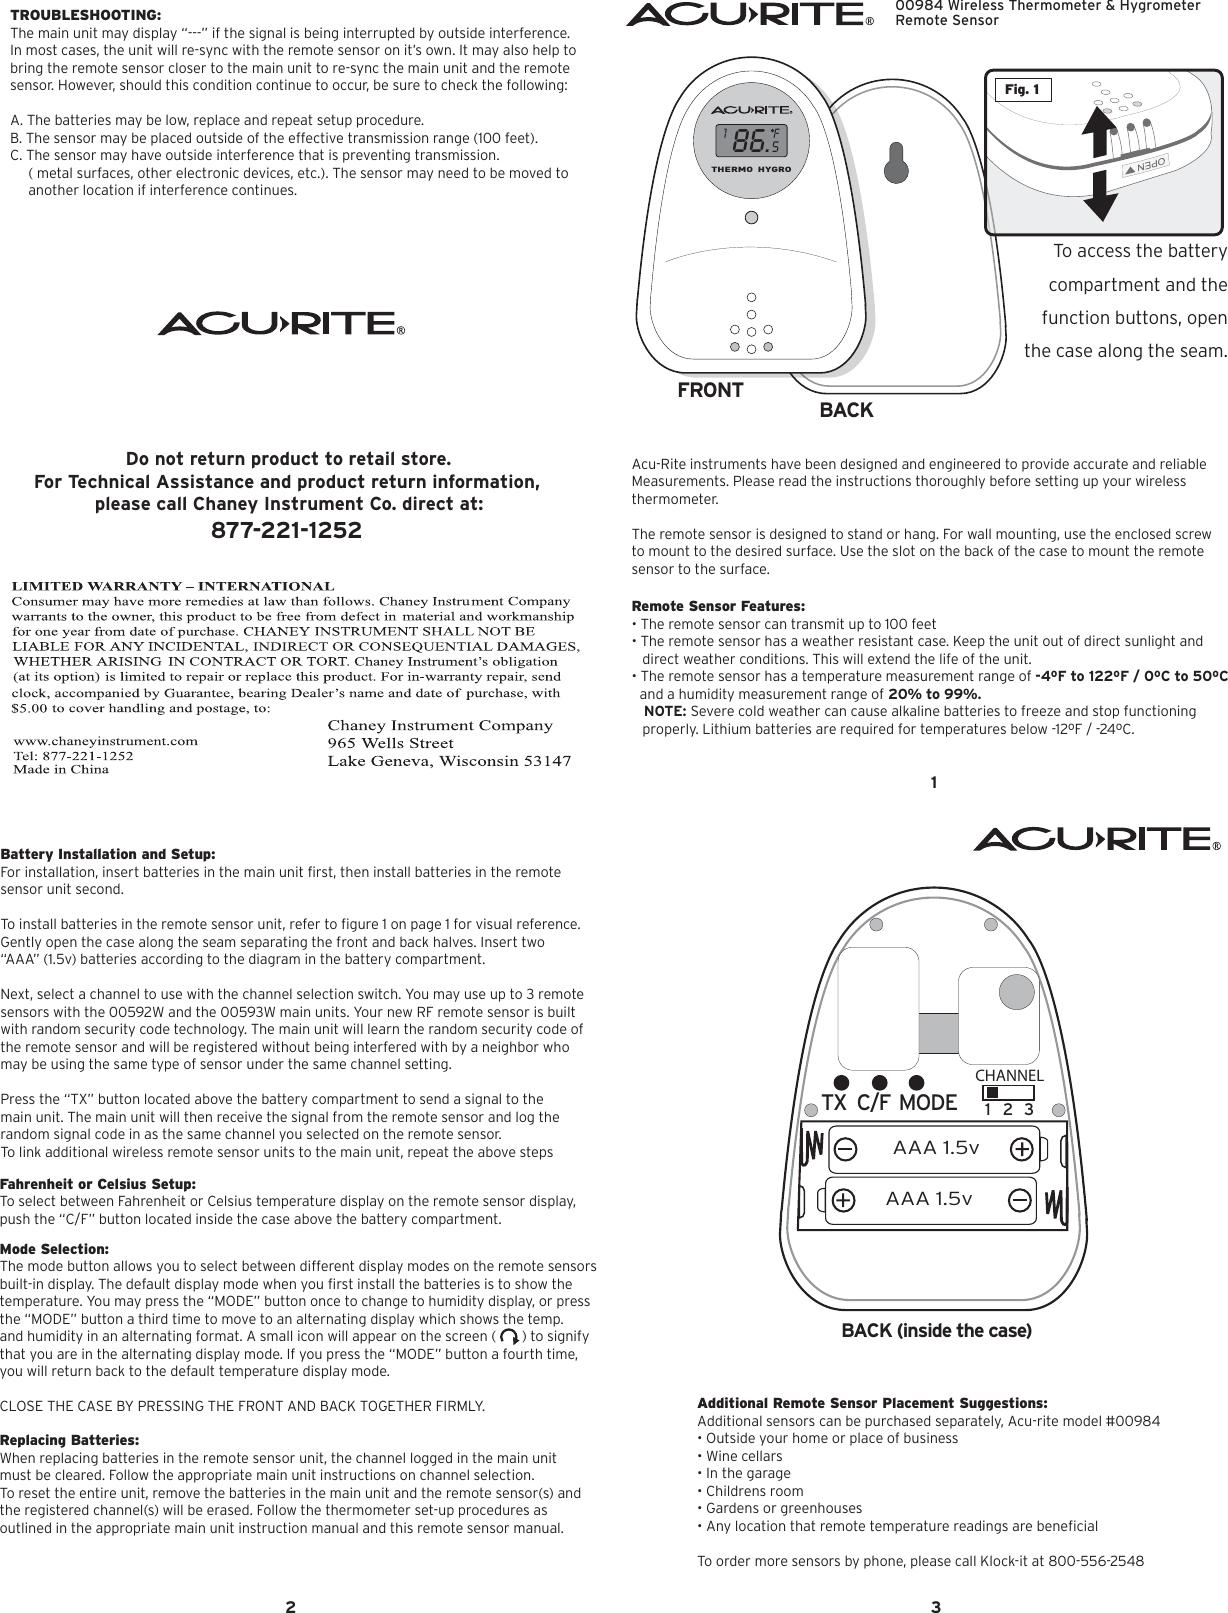 Acu Rite Clock 984 Users Manual 00984 INST